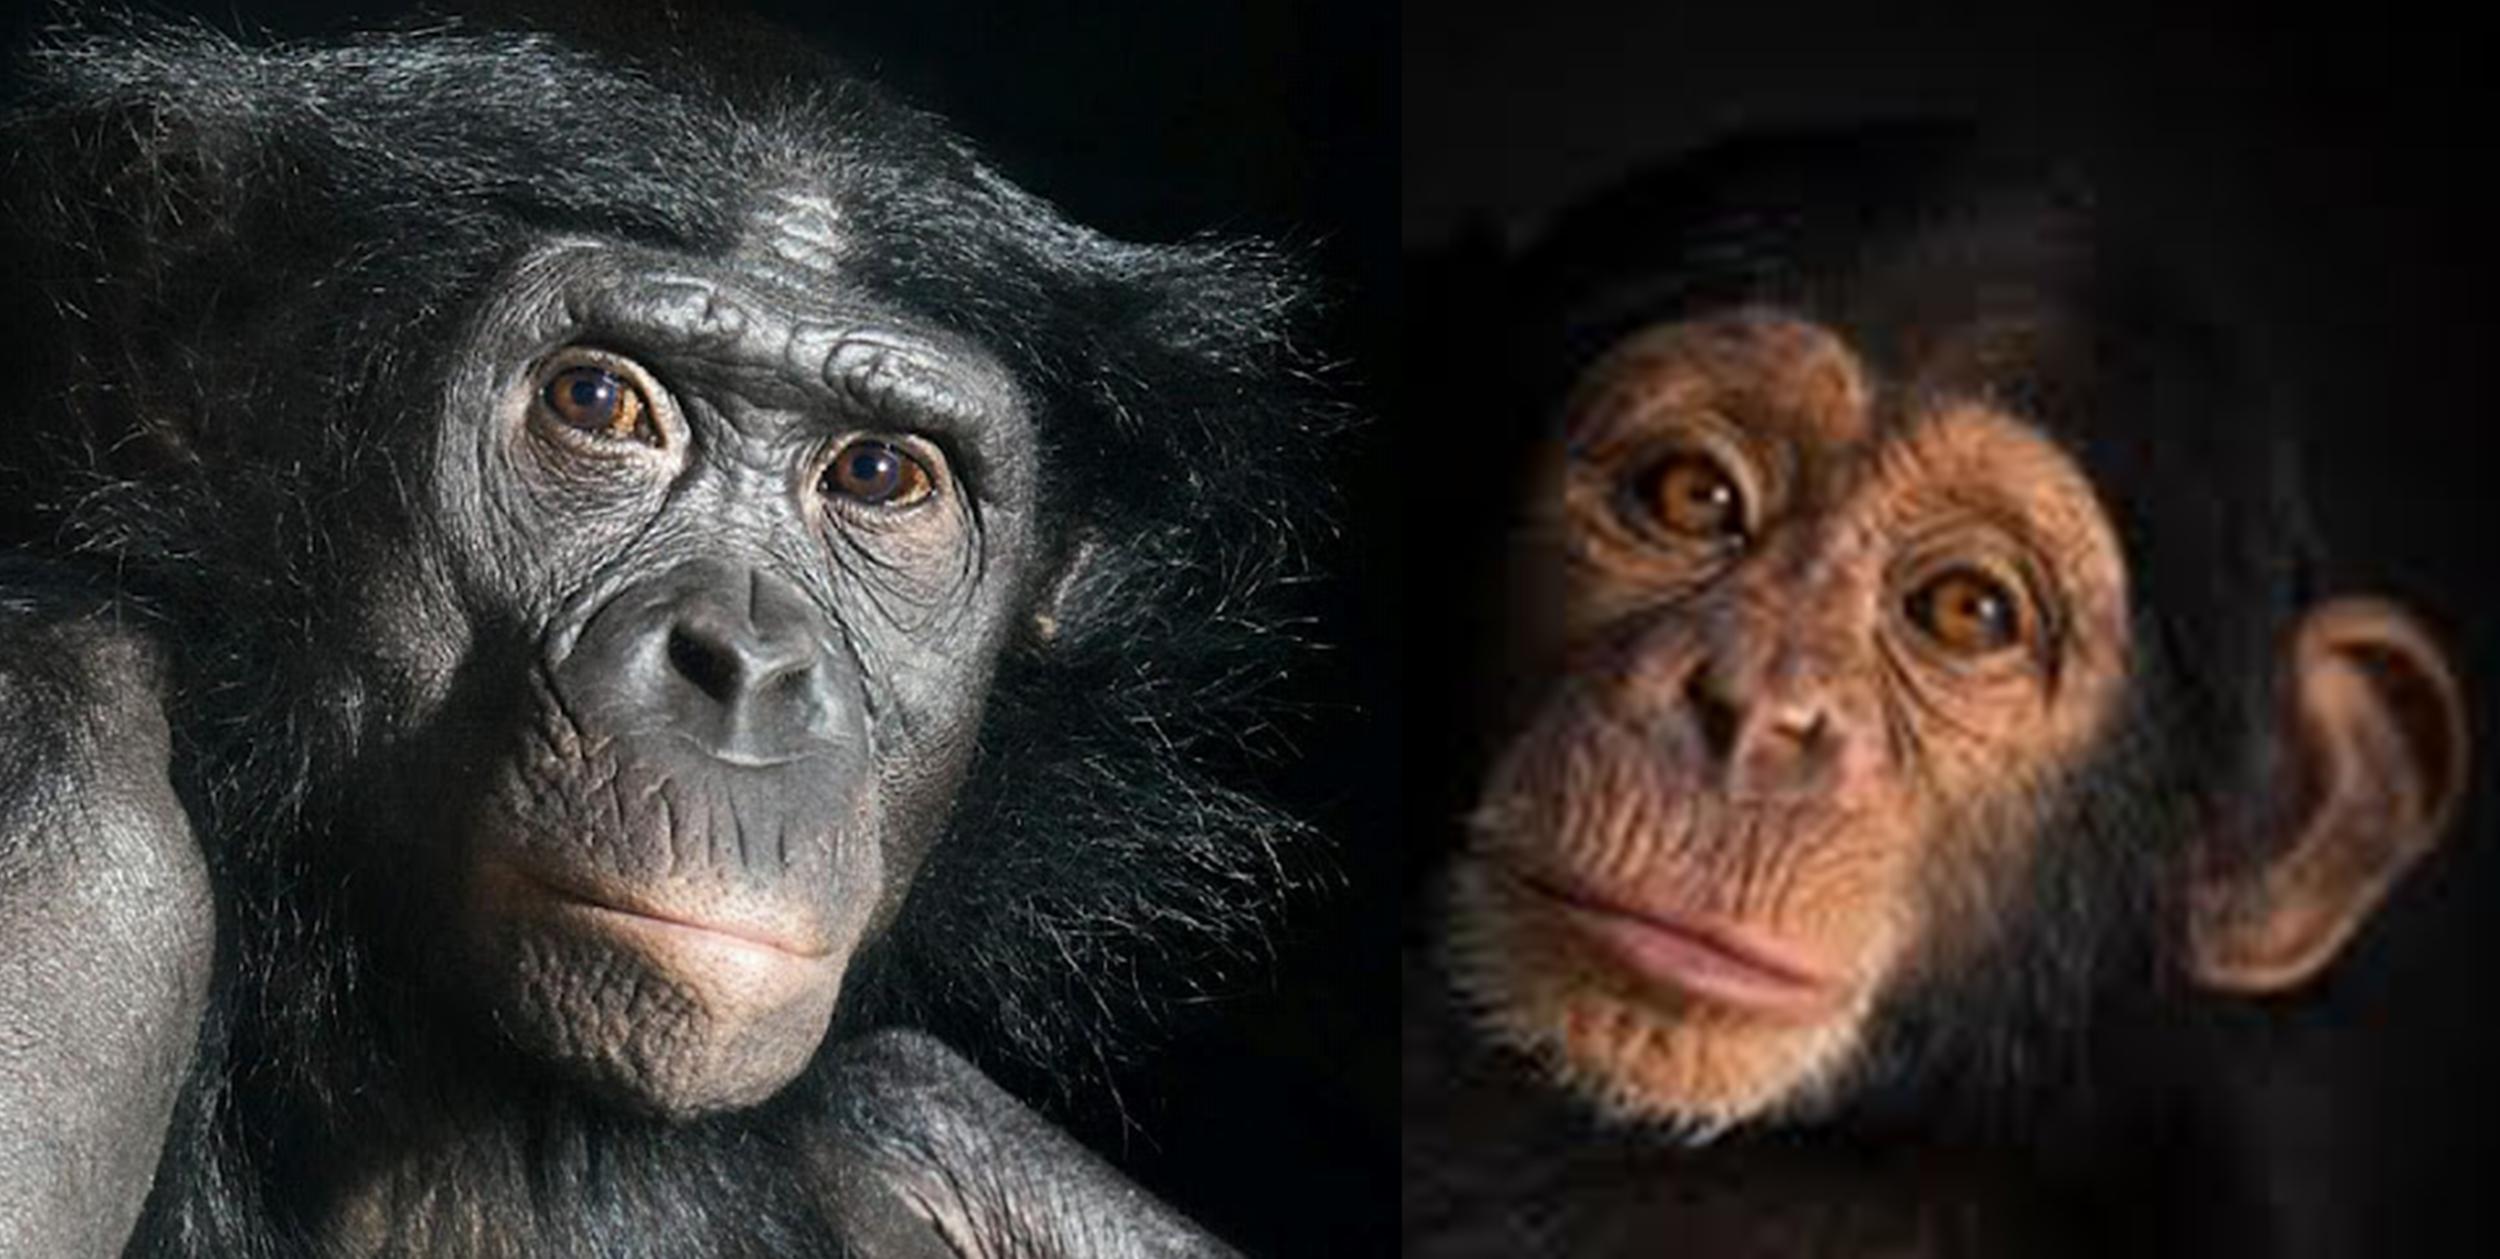 What sounds do bonobos and chimpanzees make? -